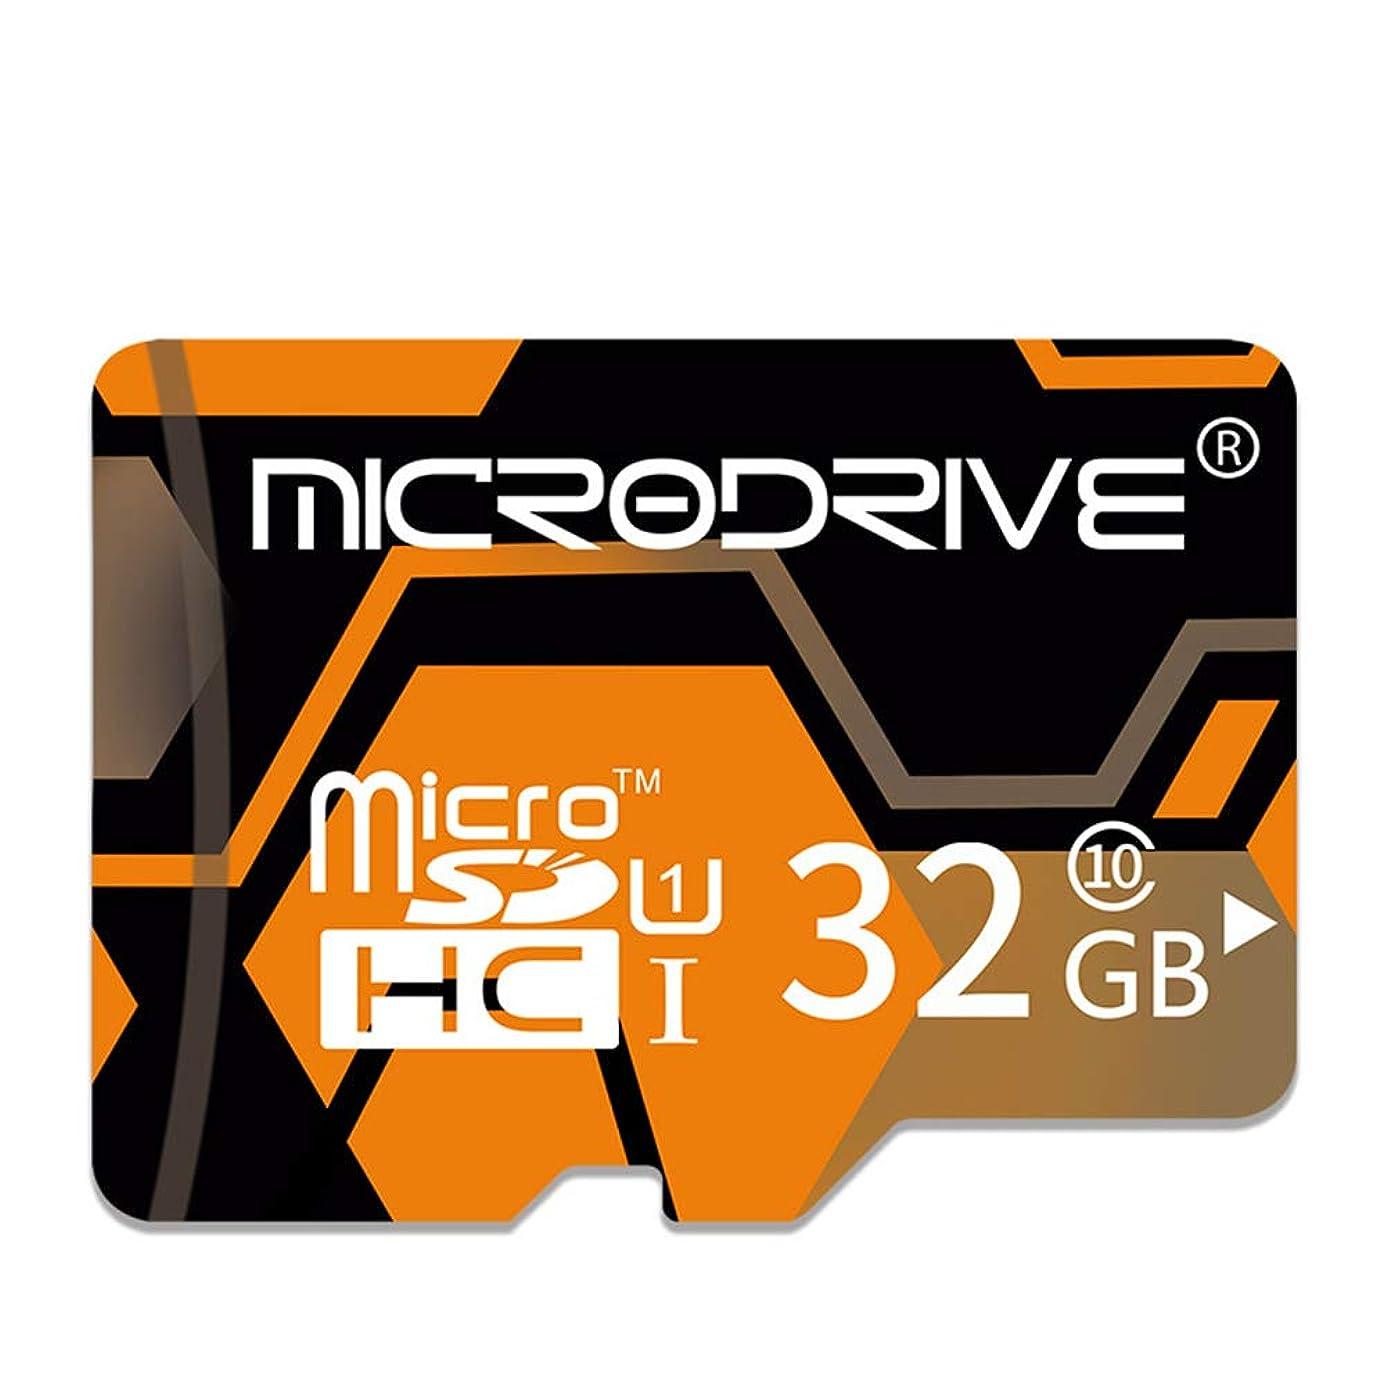 彼女自身文献砦32GB マイクロSDカード micro-SD カード 伝送レートCLASS10 TFカード メモリカード SDアダプタ付き 伝送レートCLASS10 携帯電話、タブレットPC、カメラ用 超高速転送 多く対象に適用する